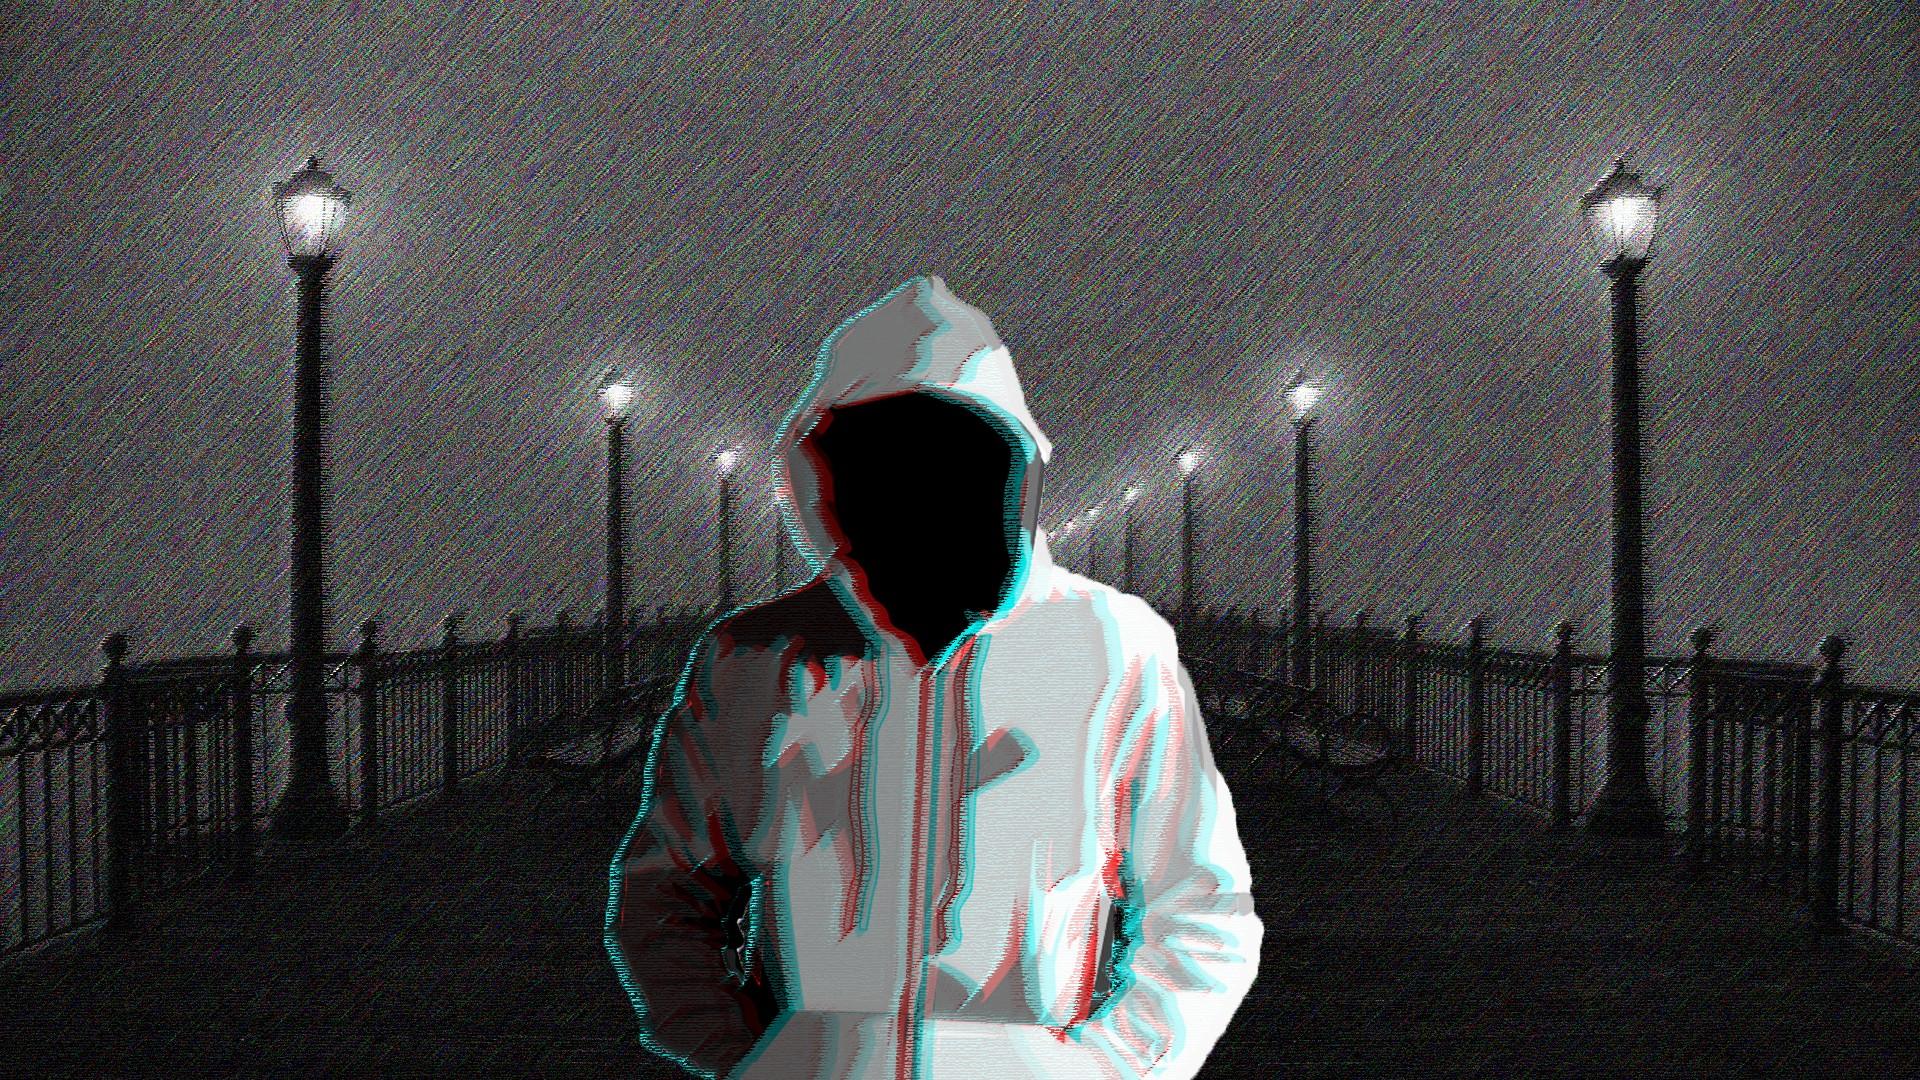 trắng đen tối đêm kinh dị 3D mưa ánh sáng thắp sáng ảnh chụp bóng tối